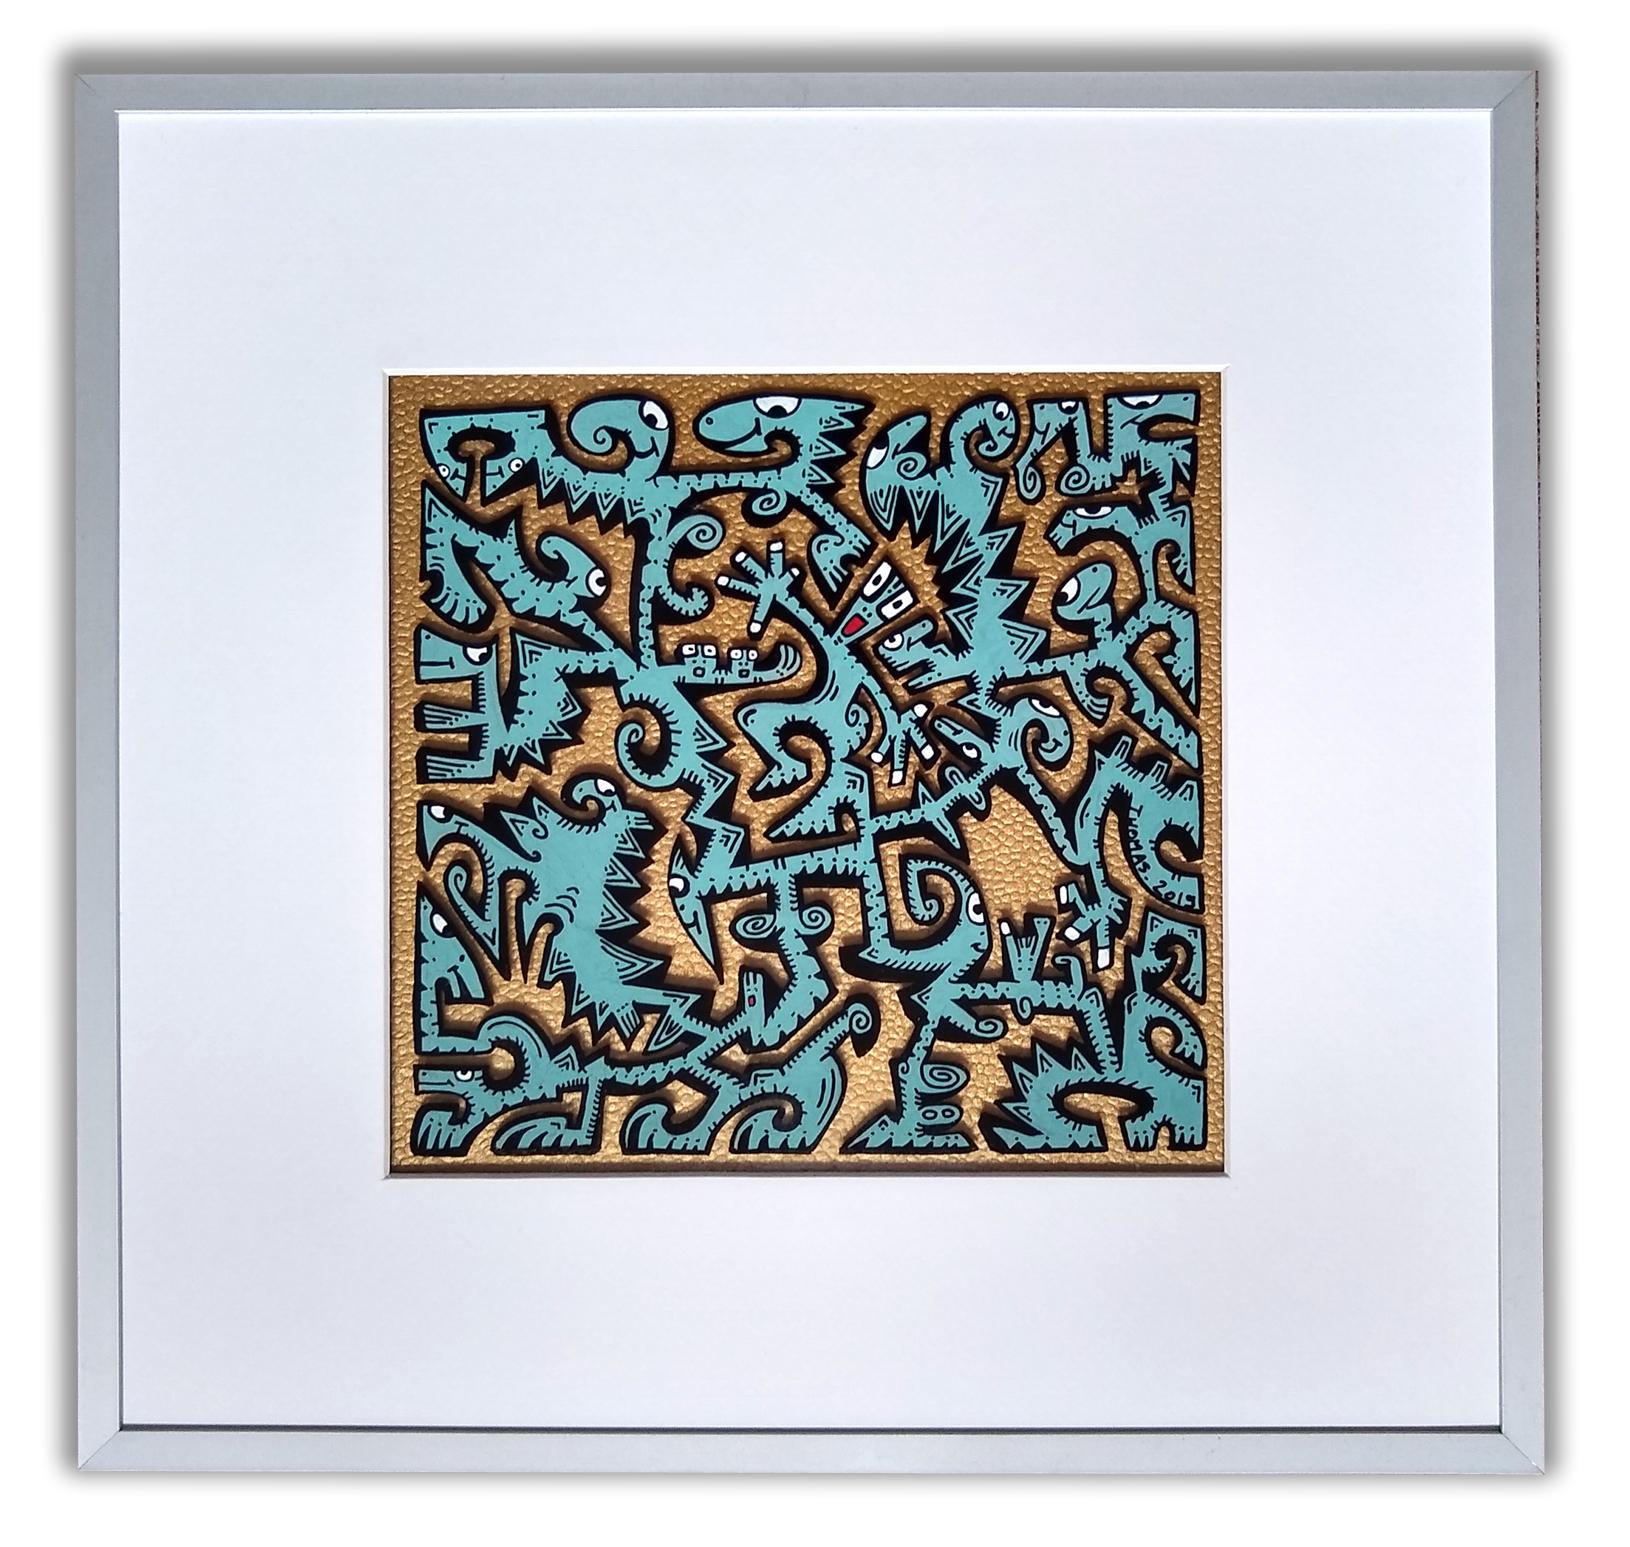 Titre: PT8 /feutres acrylique sur  sur verre synthétique/ cadre aluminium gris/fond papier effet cuir gold/ format dessin : 19/19 cm/format du cadre: 33/33cm  / prix: 80 euros